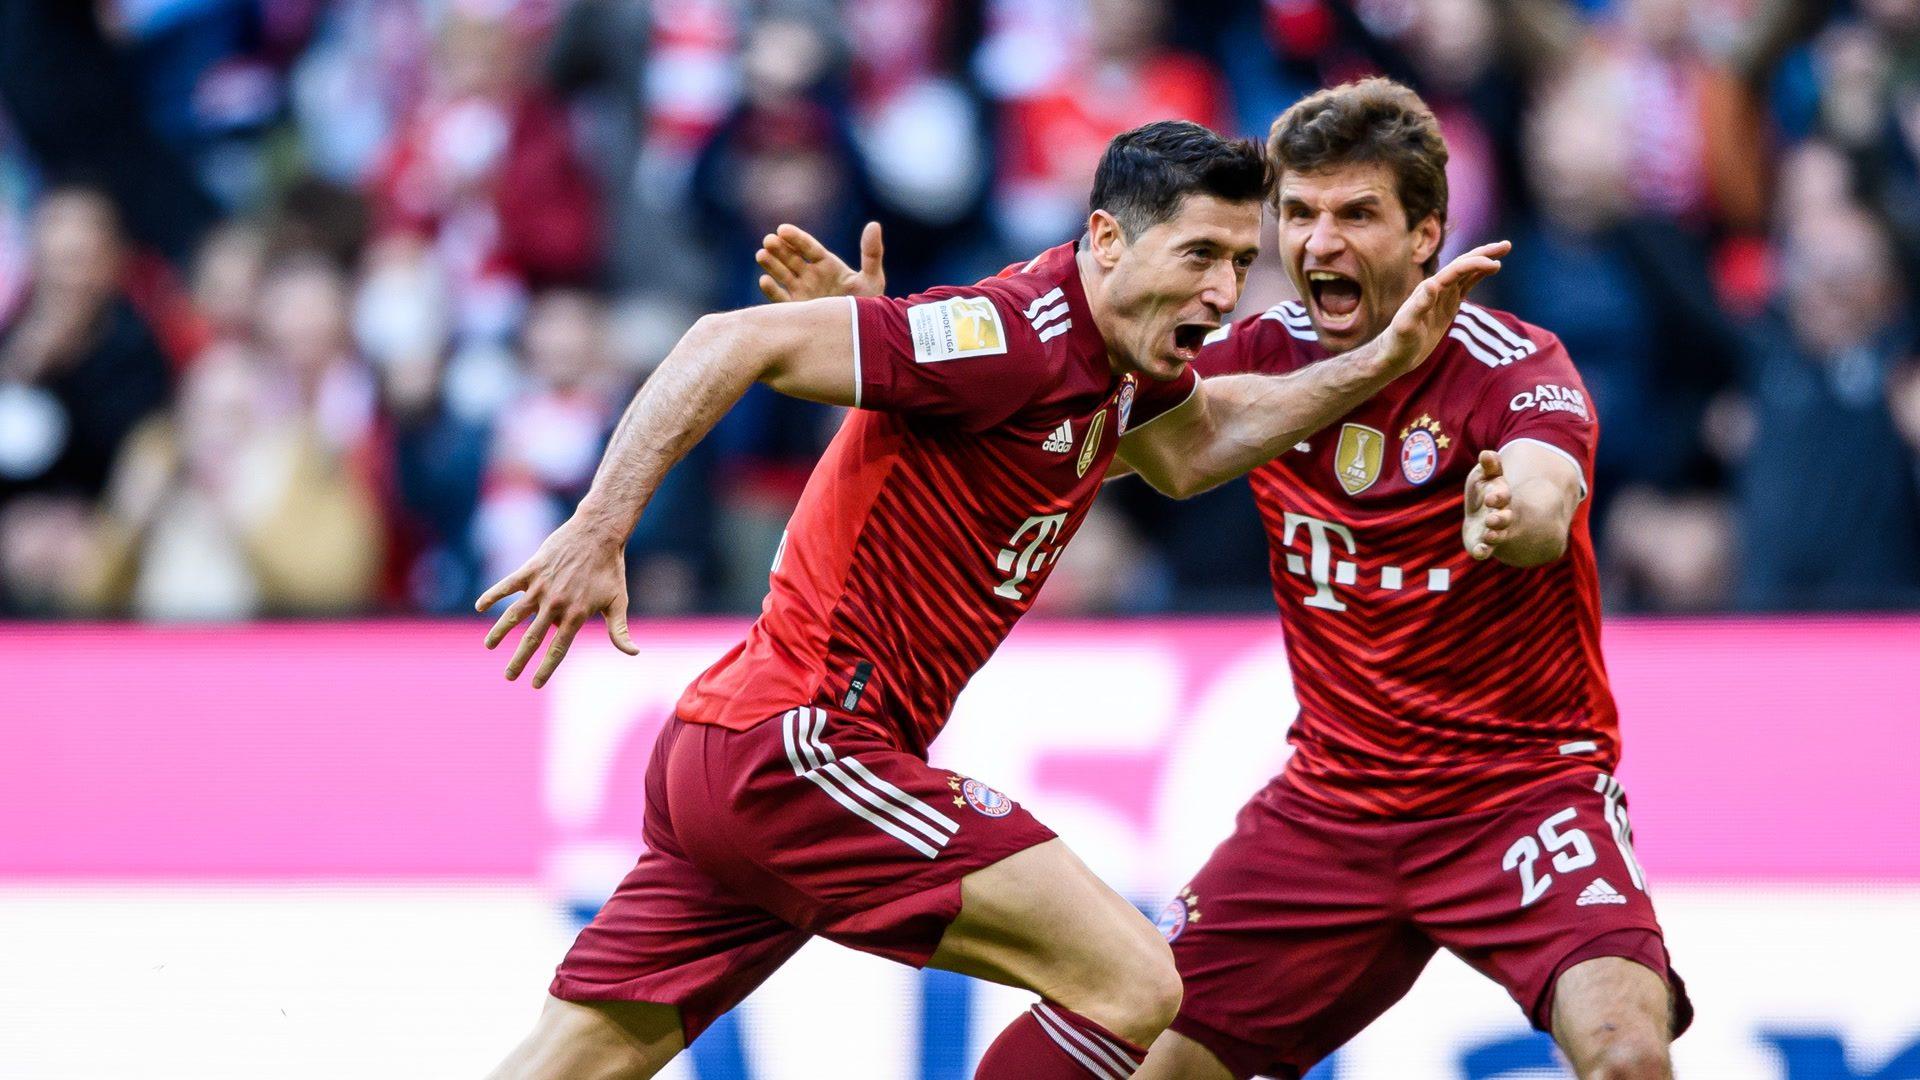 Lewandowski strikes again for rampant Bayern